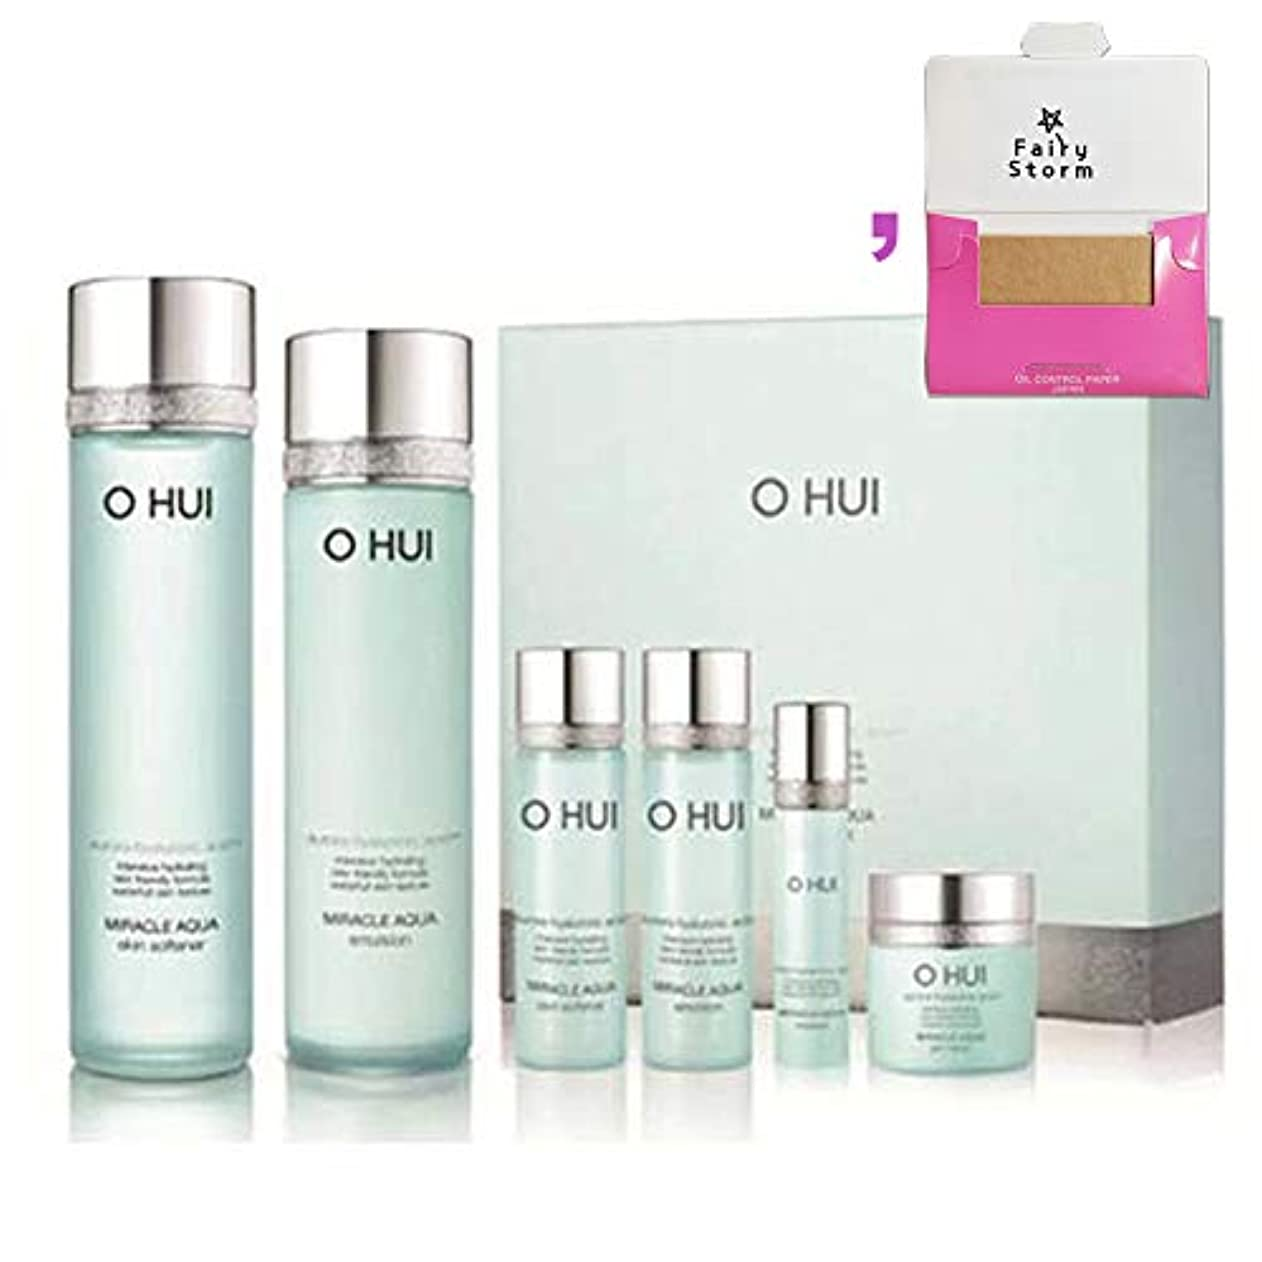 ストラトフォードオンエイボン意味のあるフルーツ[オフィ/O HUI]韓国化粧品LG生活健康/O HUI MIRACLE AQUA SPECIAL 2EA SET/ミラクルアクア 2種セット+[Sample Gift](海外直送品)